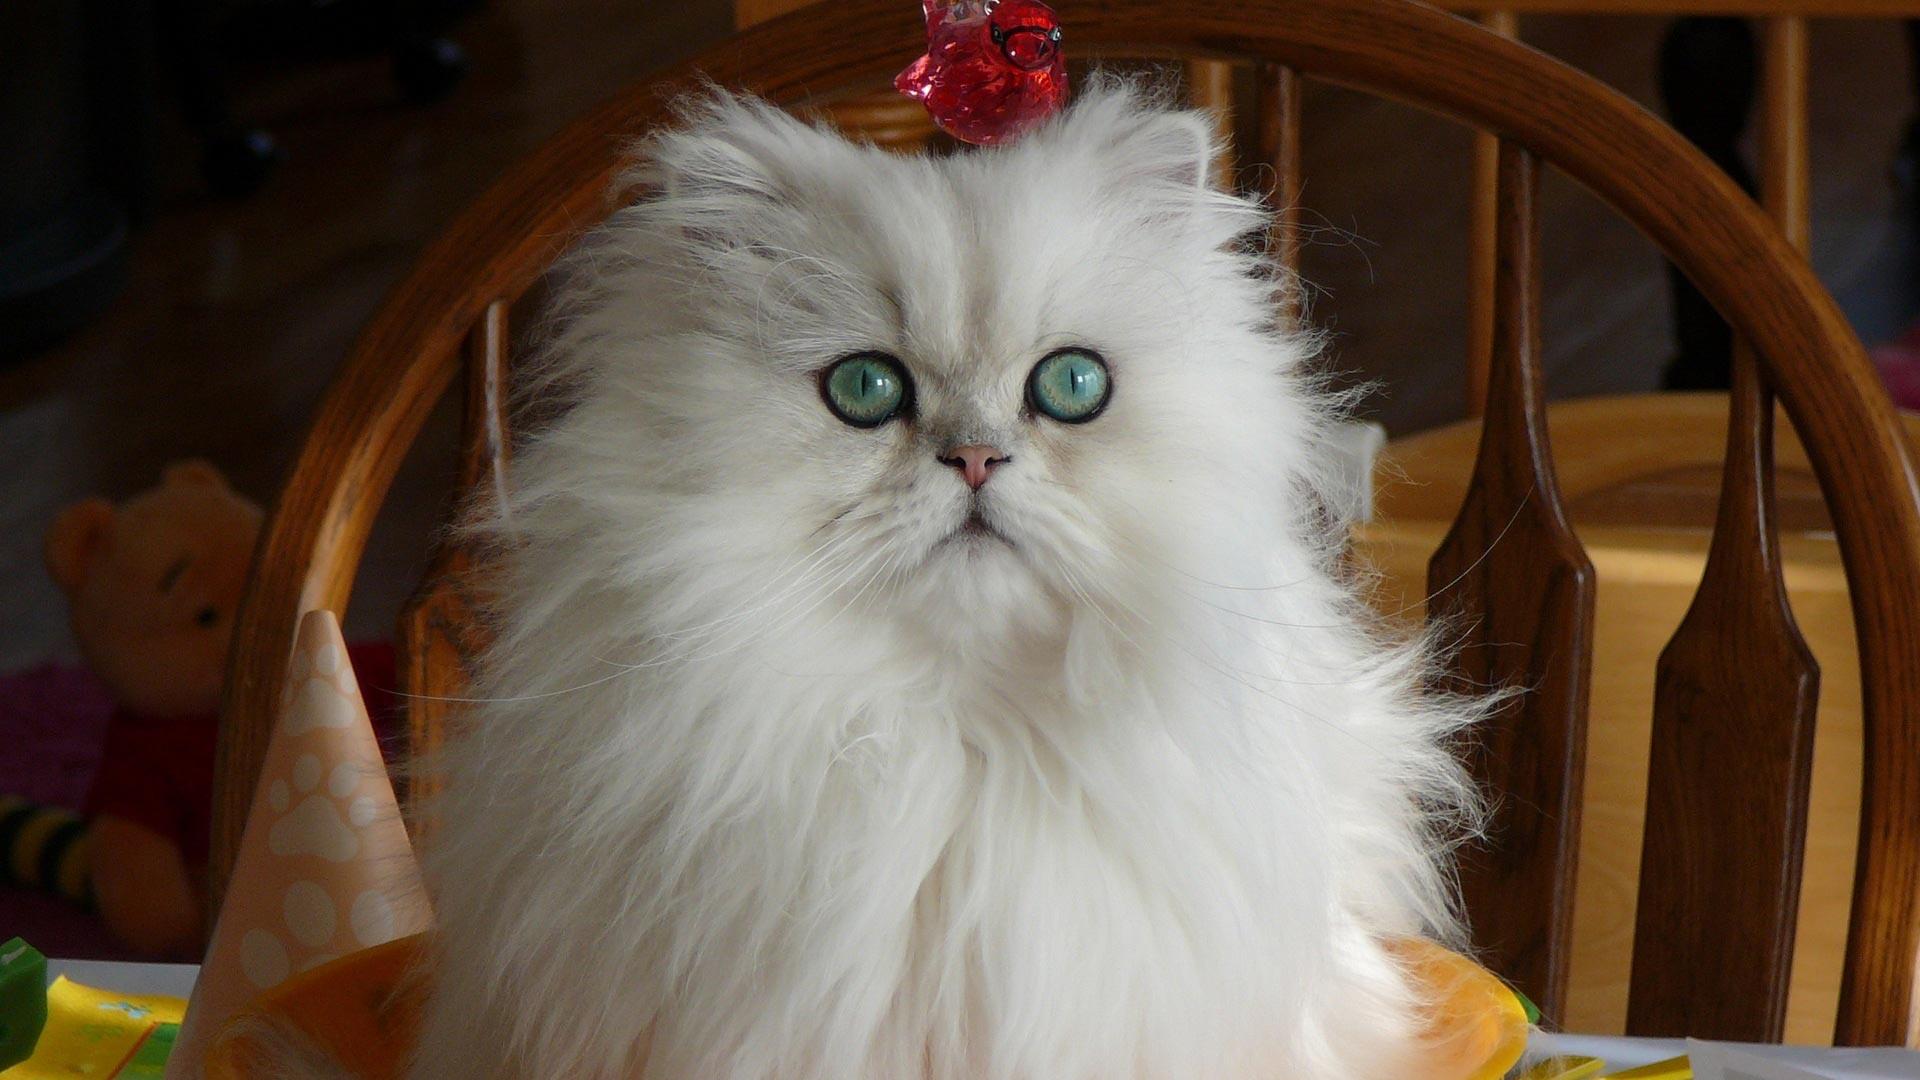 قطة بيضاء وعيونها خضر جميلة جدا